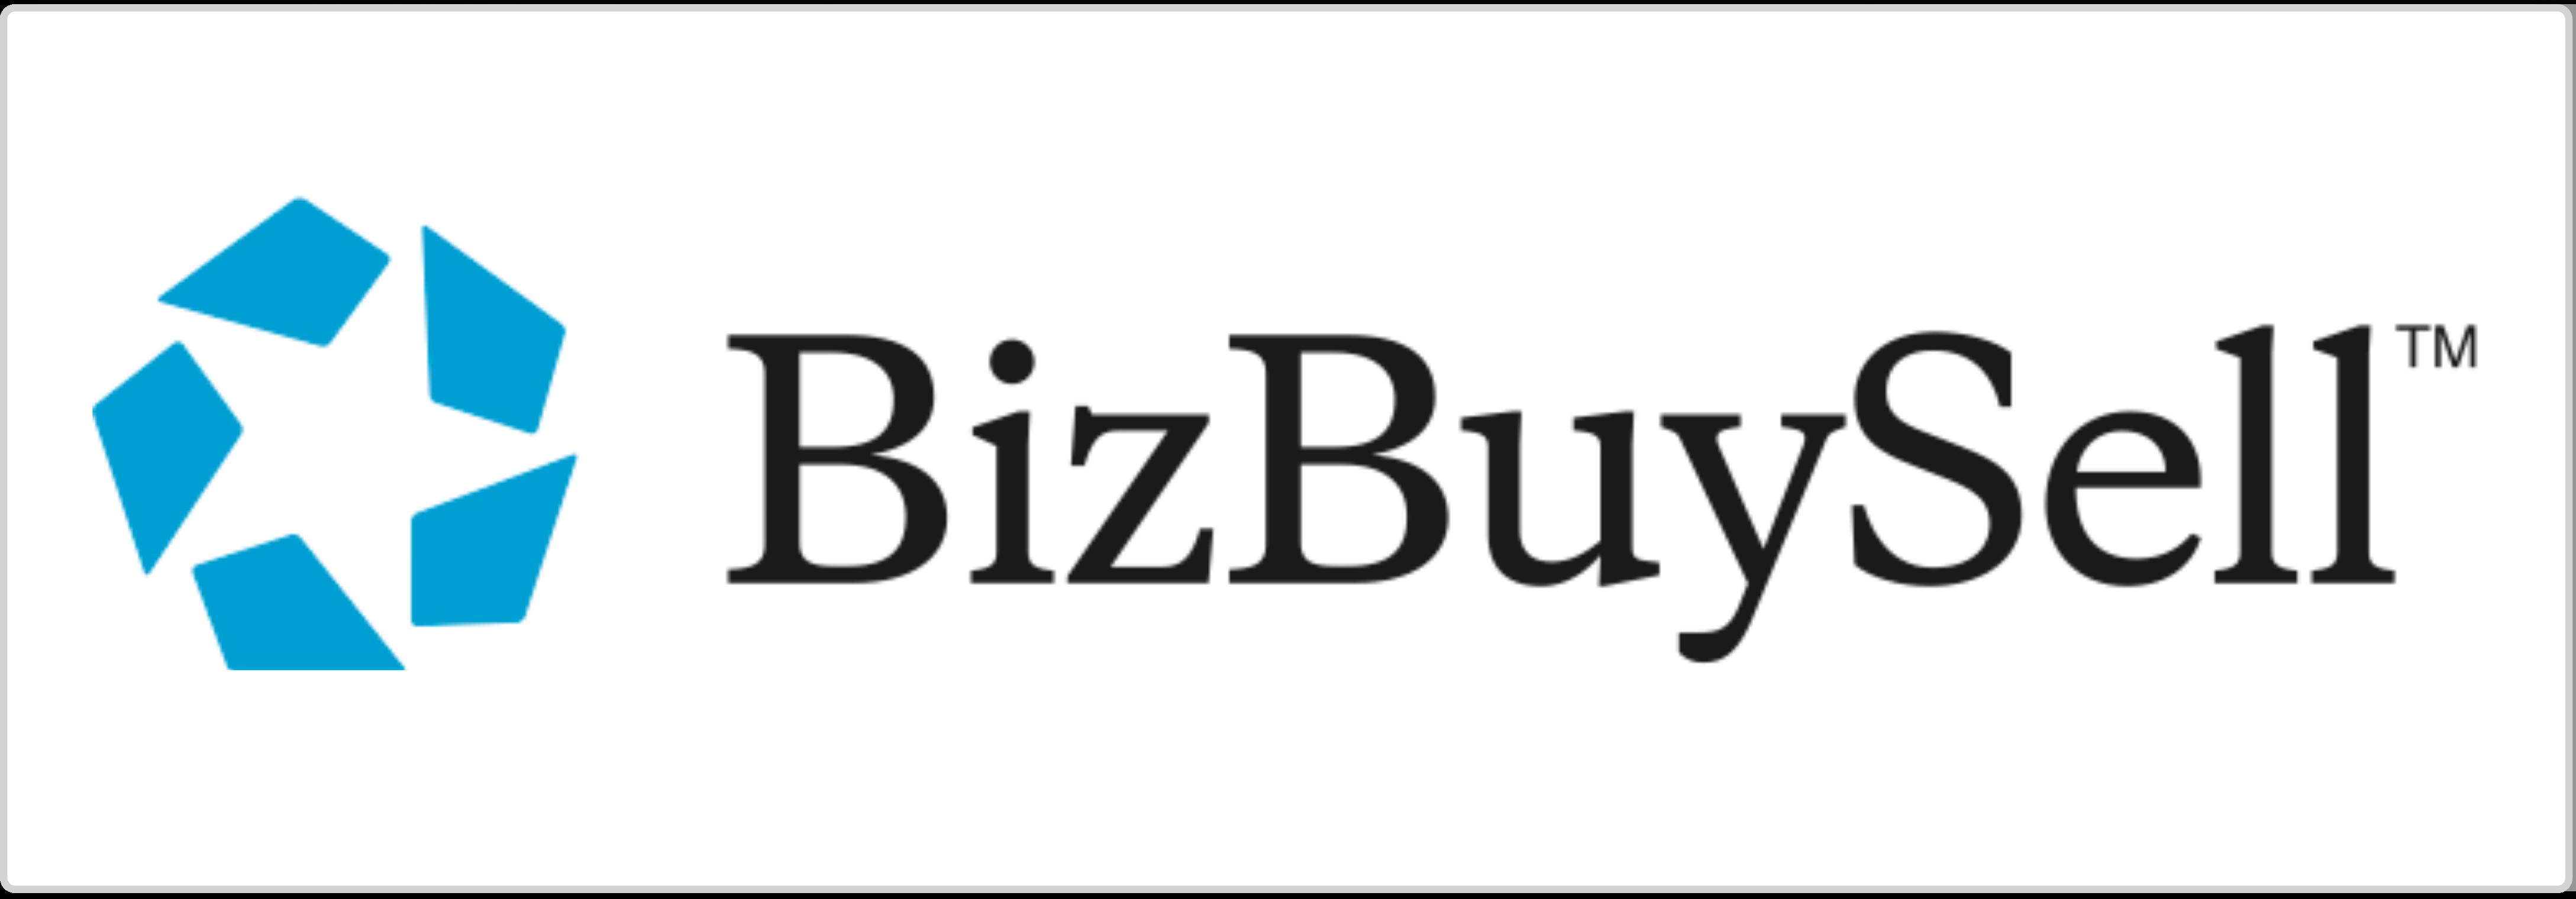 BizBuySell.com logo